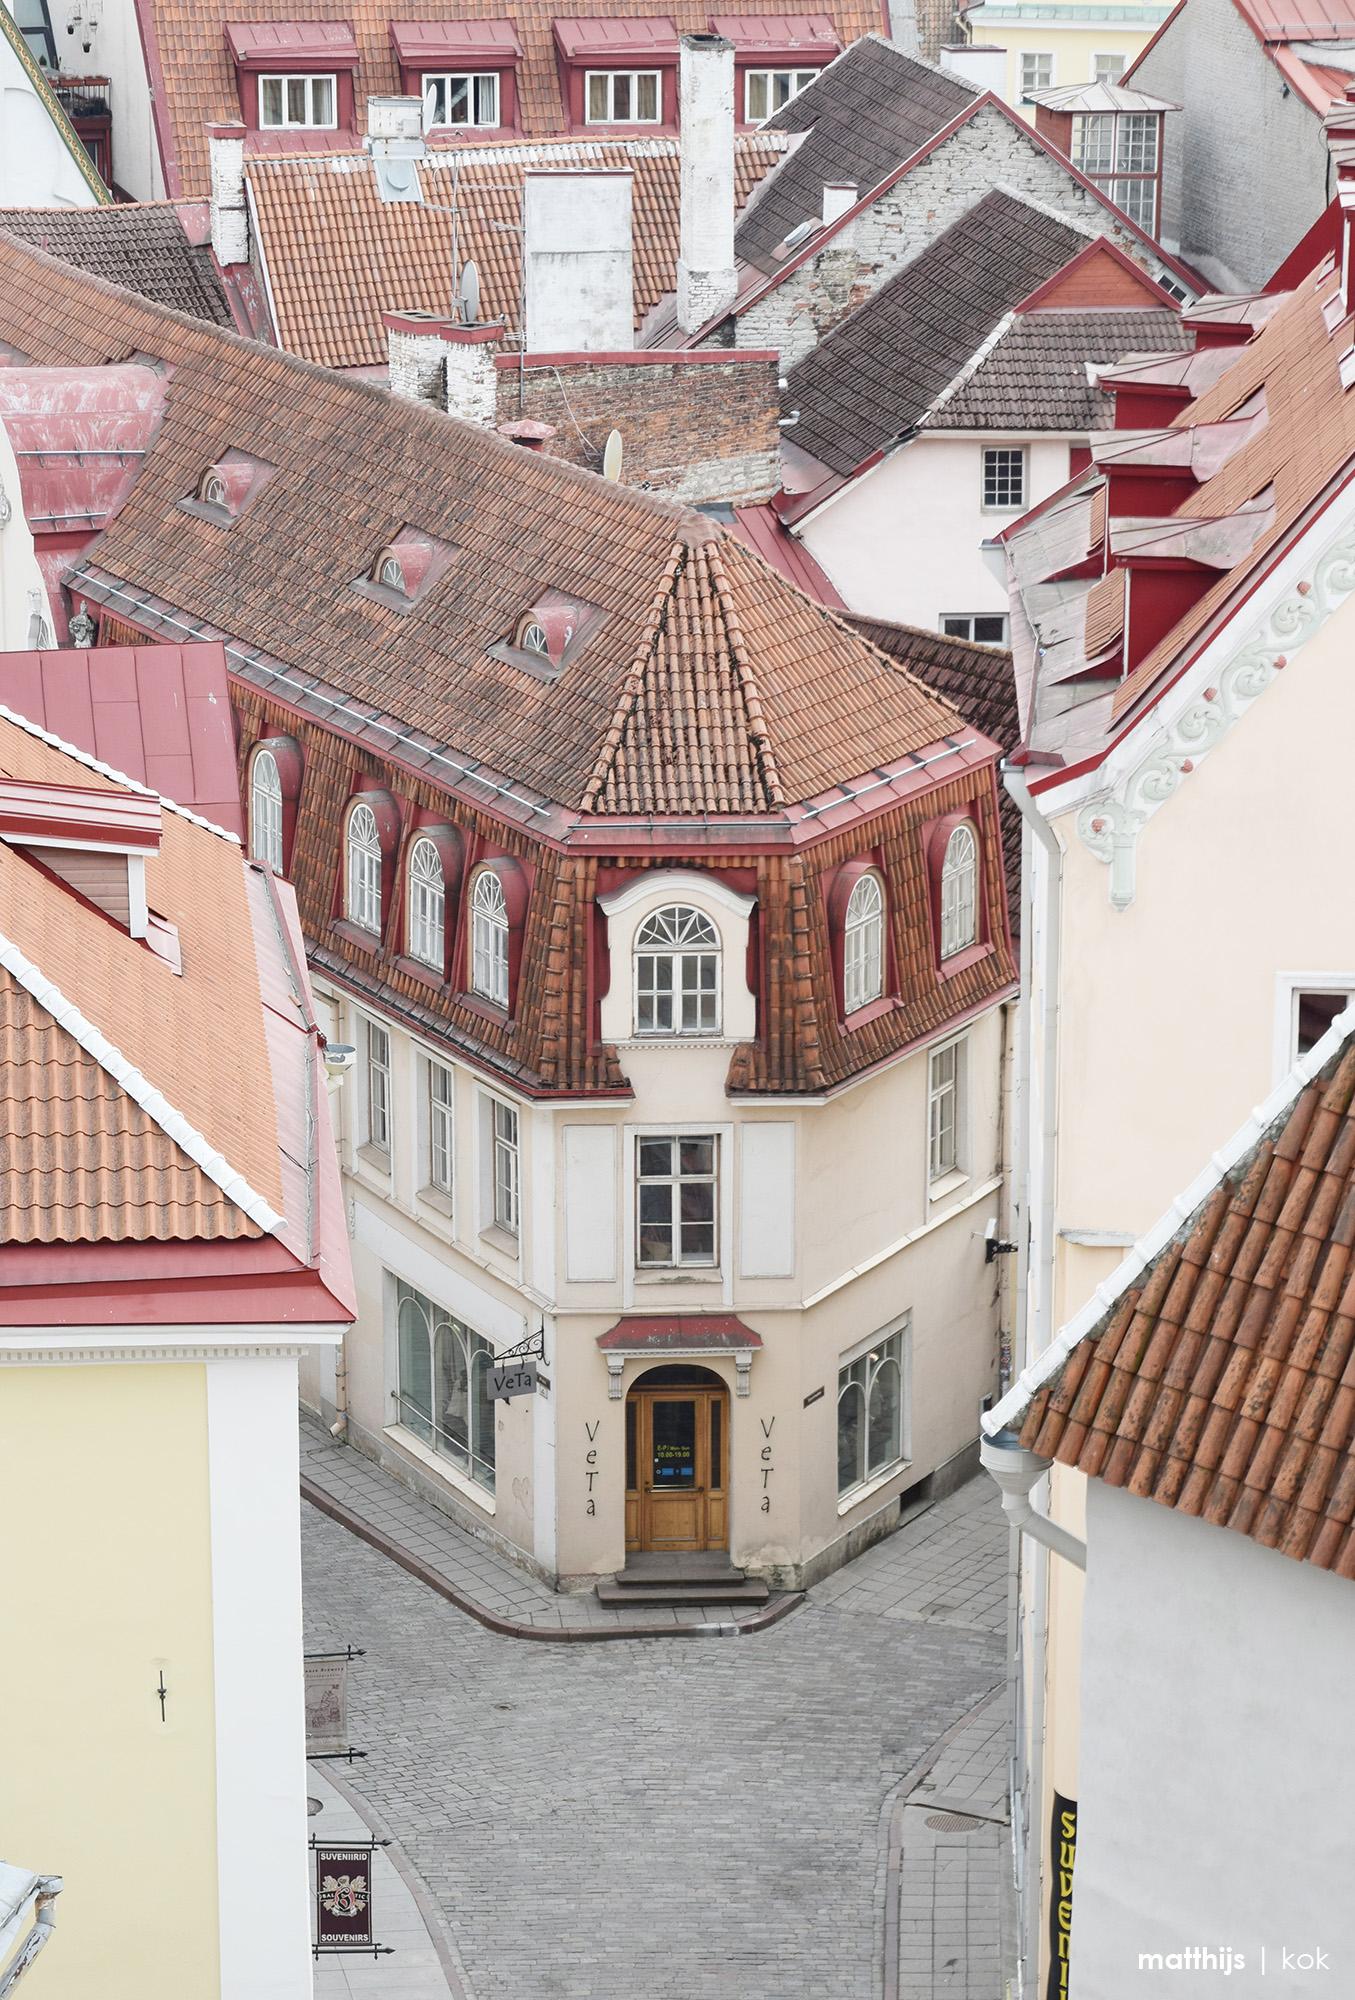 Narrow Street in the old Town of Tallinn, Estonia   Photo by Matthijs Kok